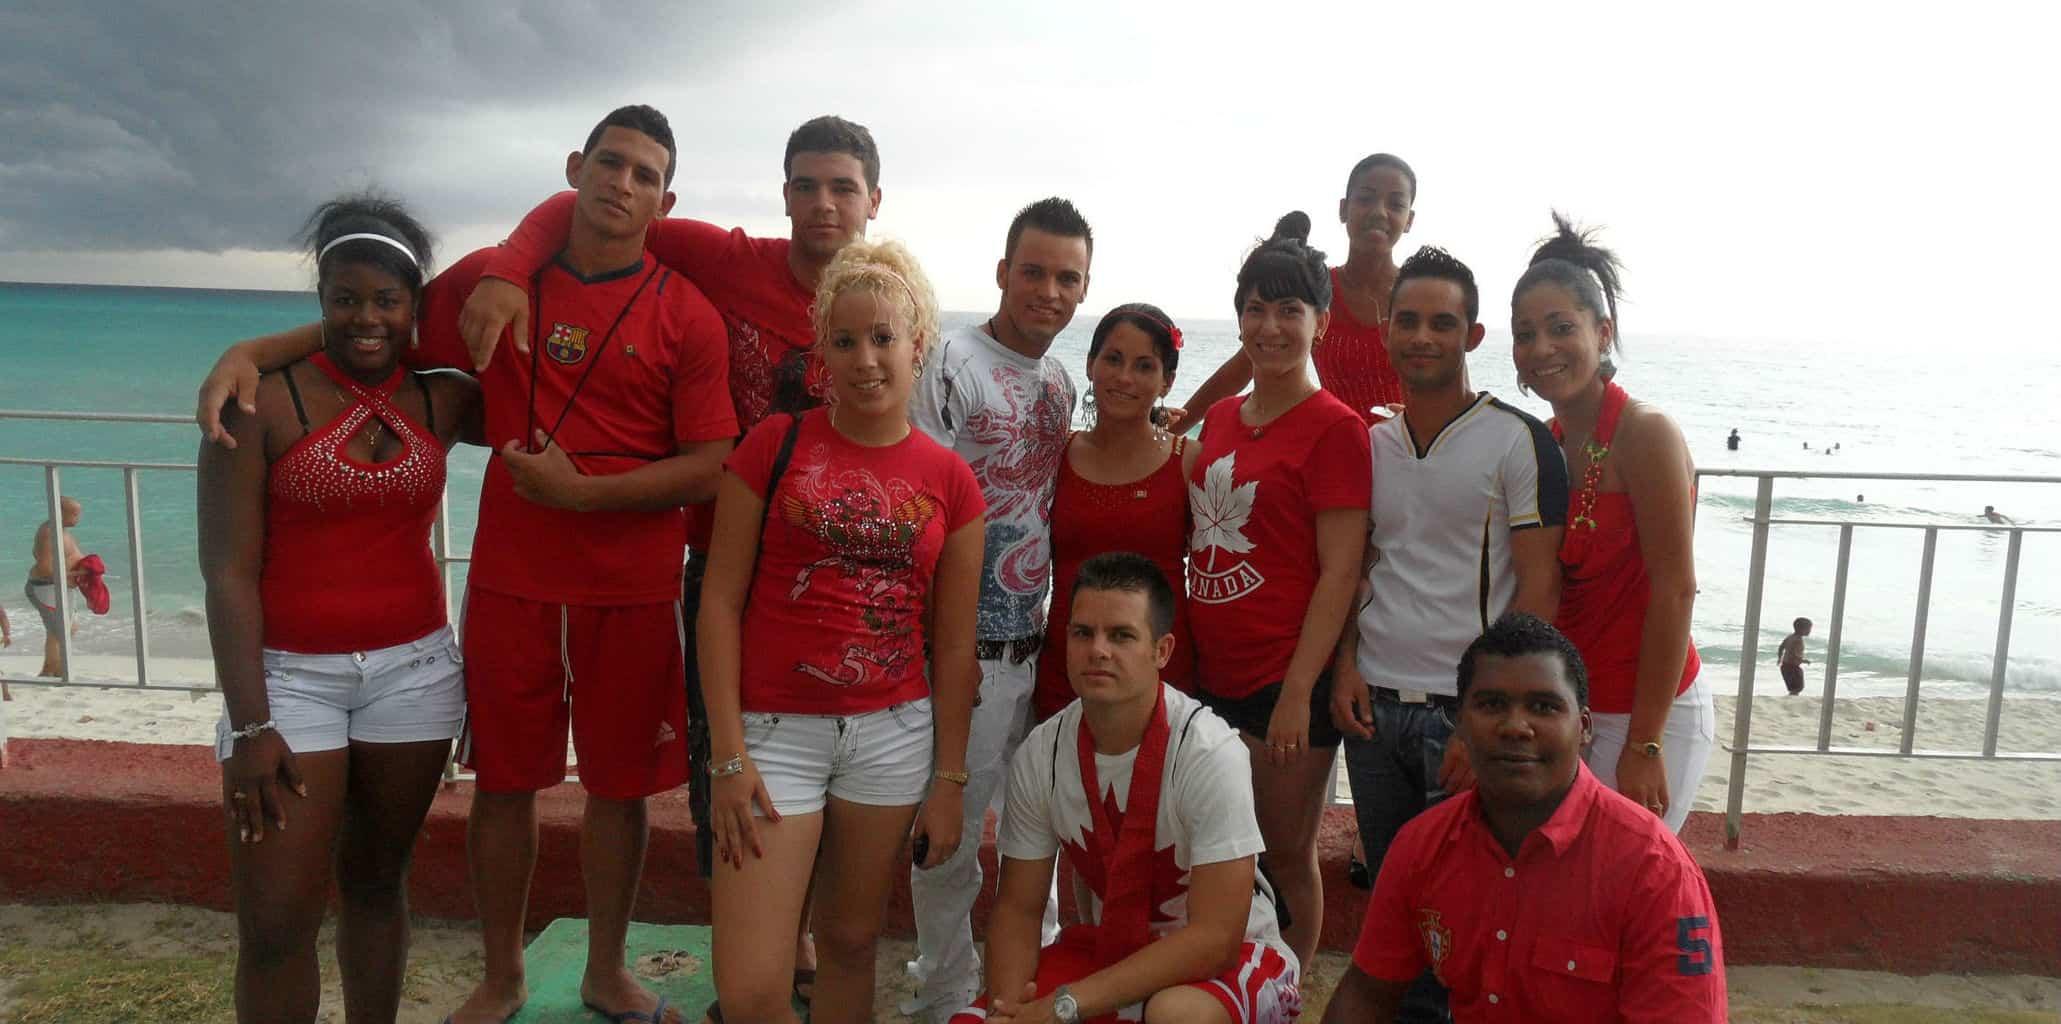 3. Cubans